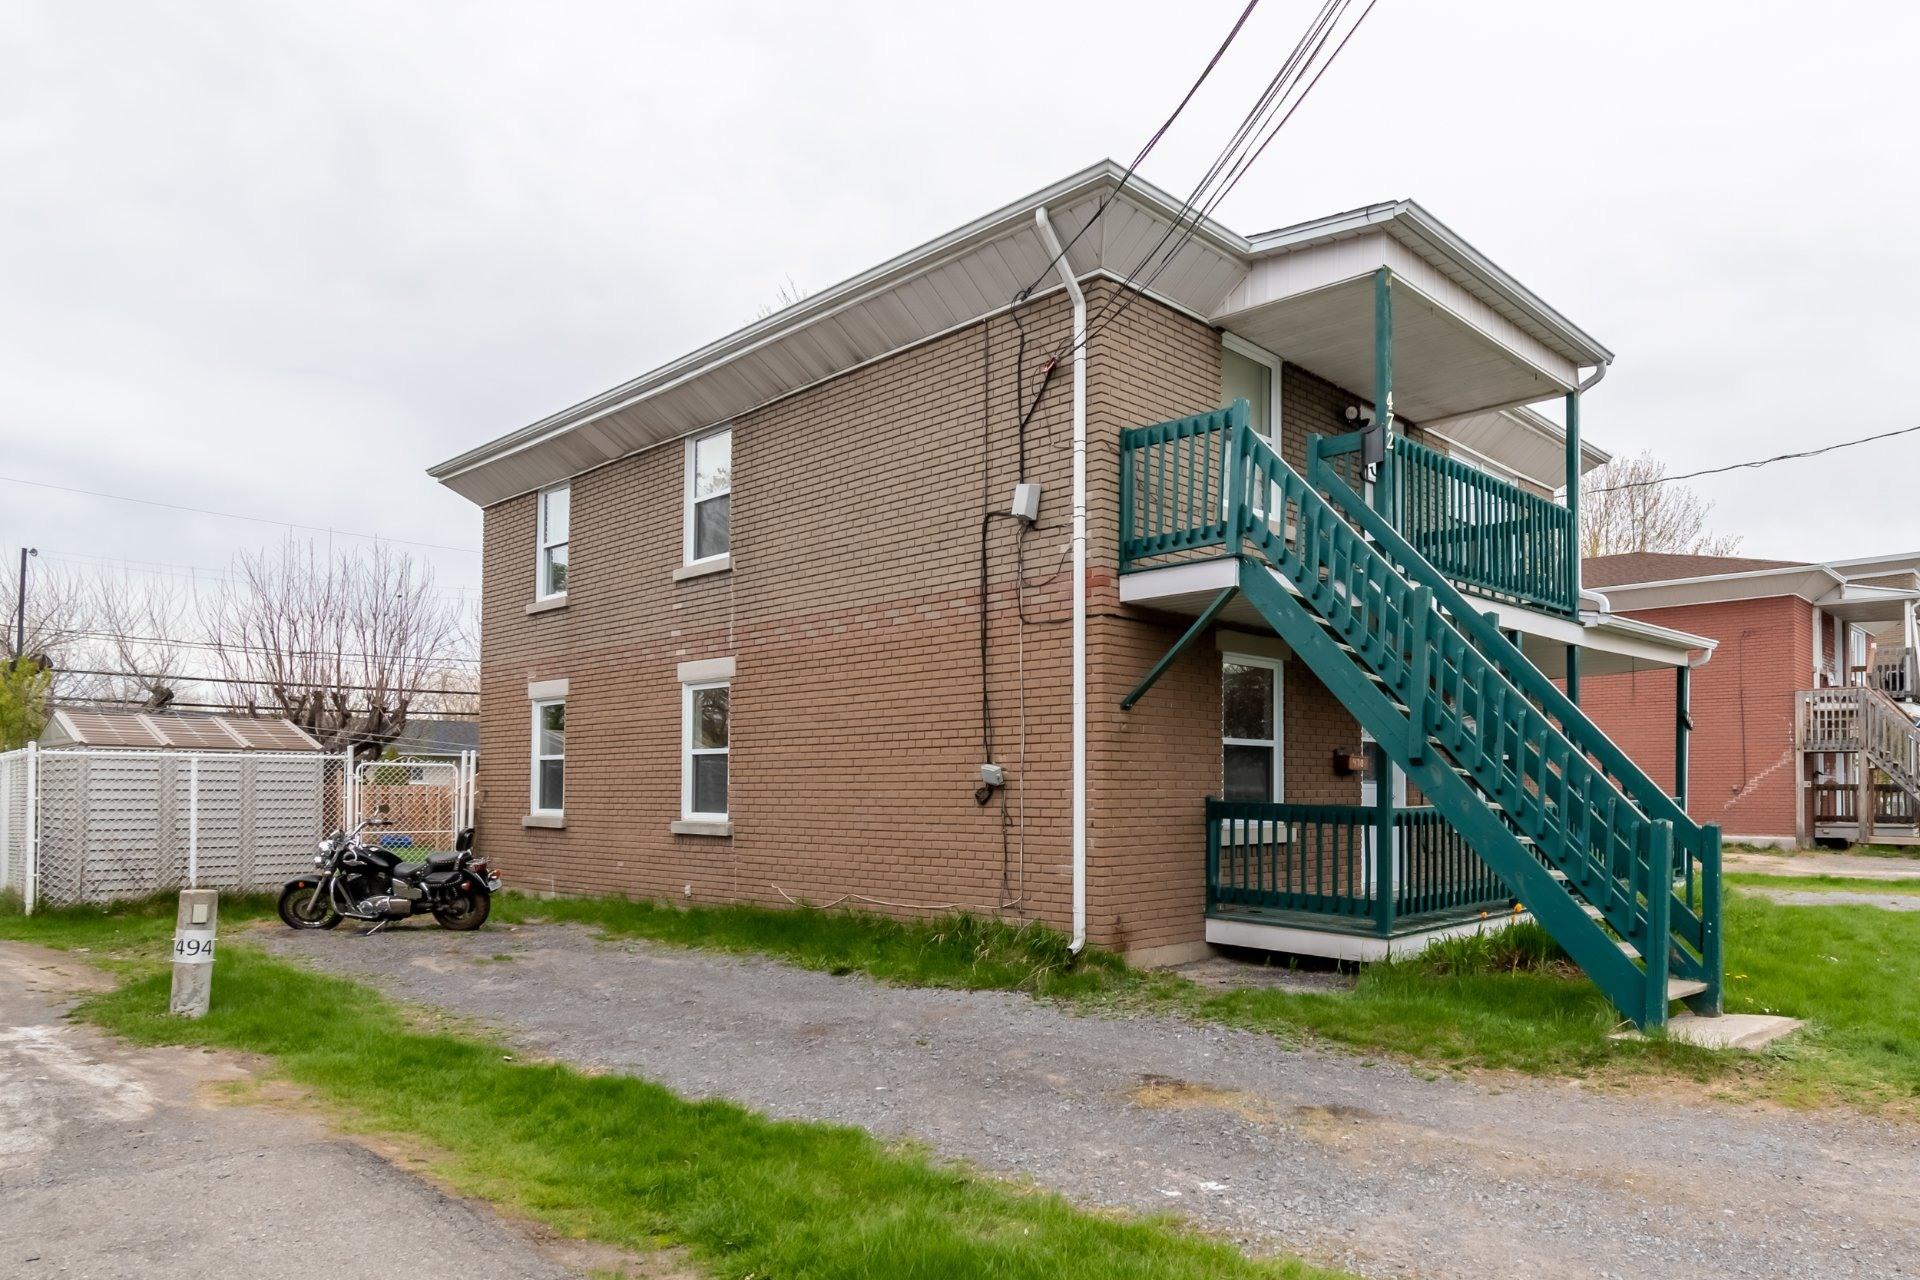 image 5 - Duplex For sale Trois-Rivières - 5 rooms